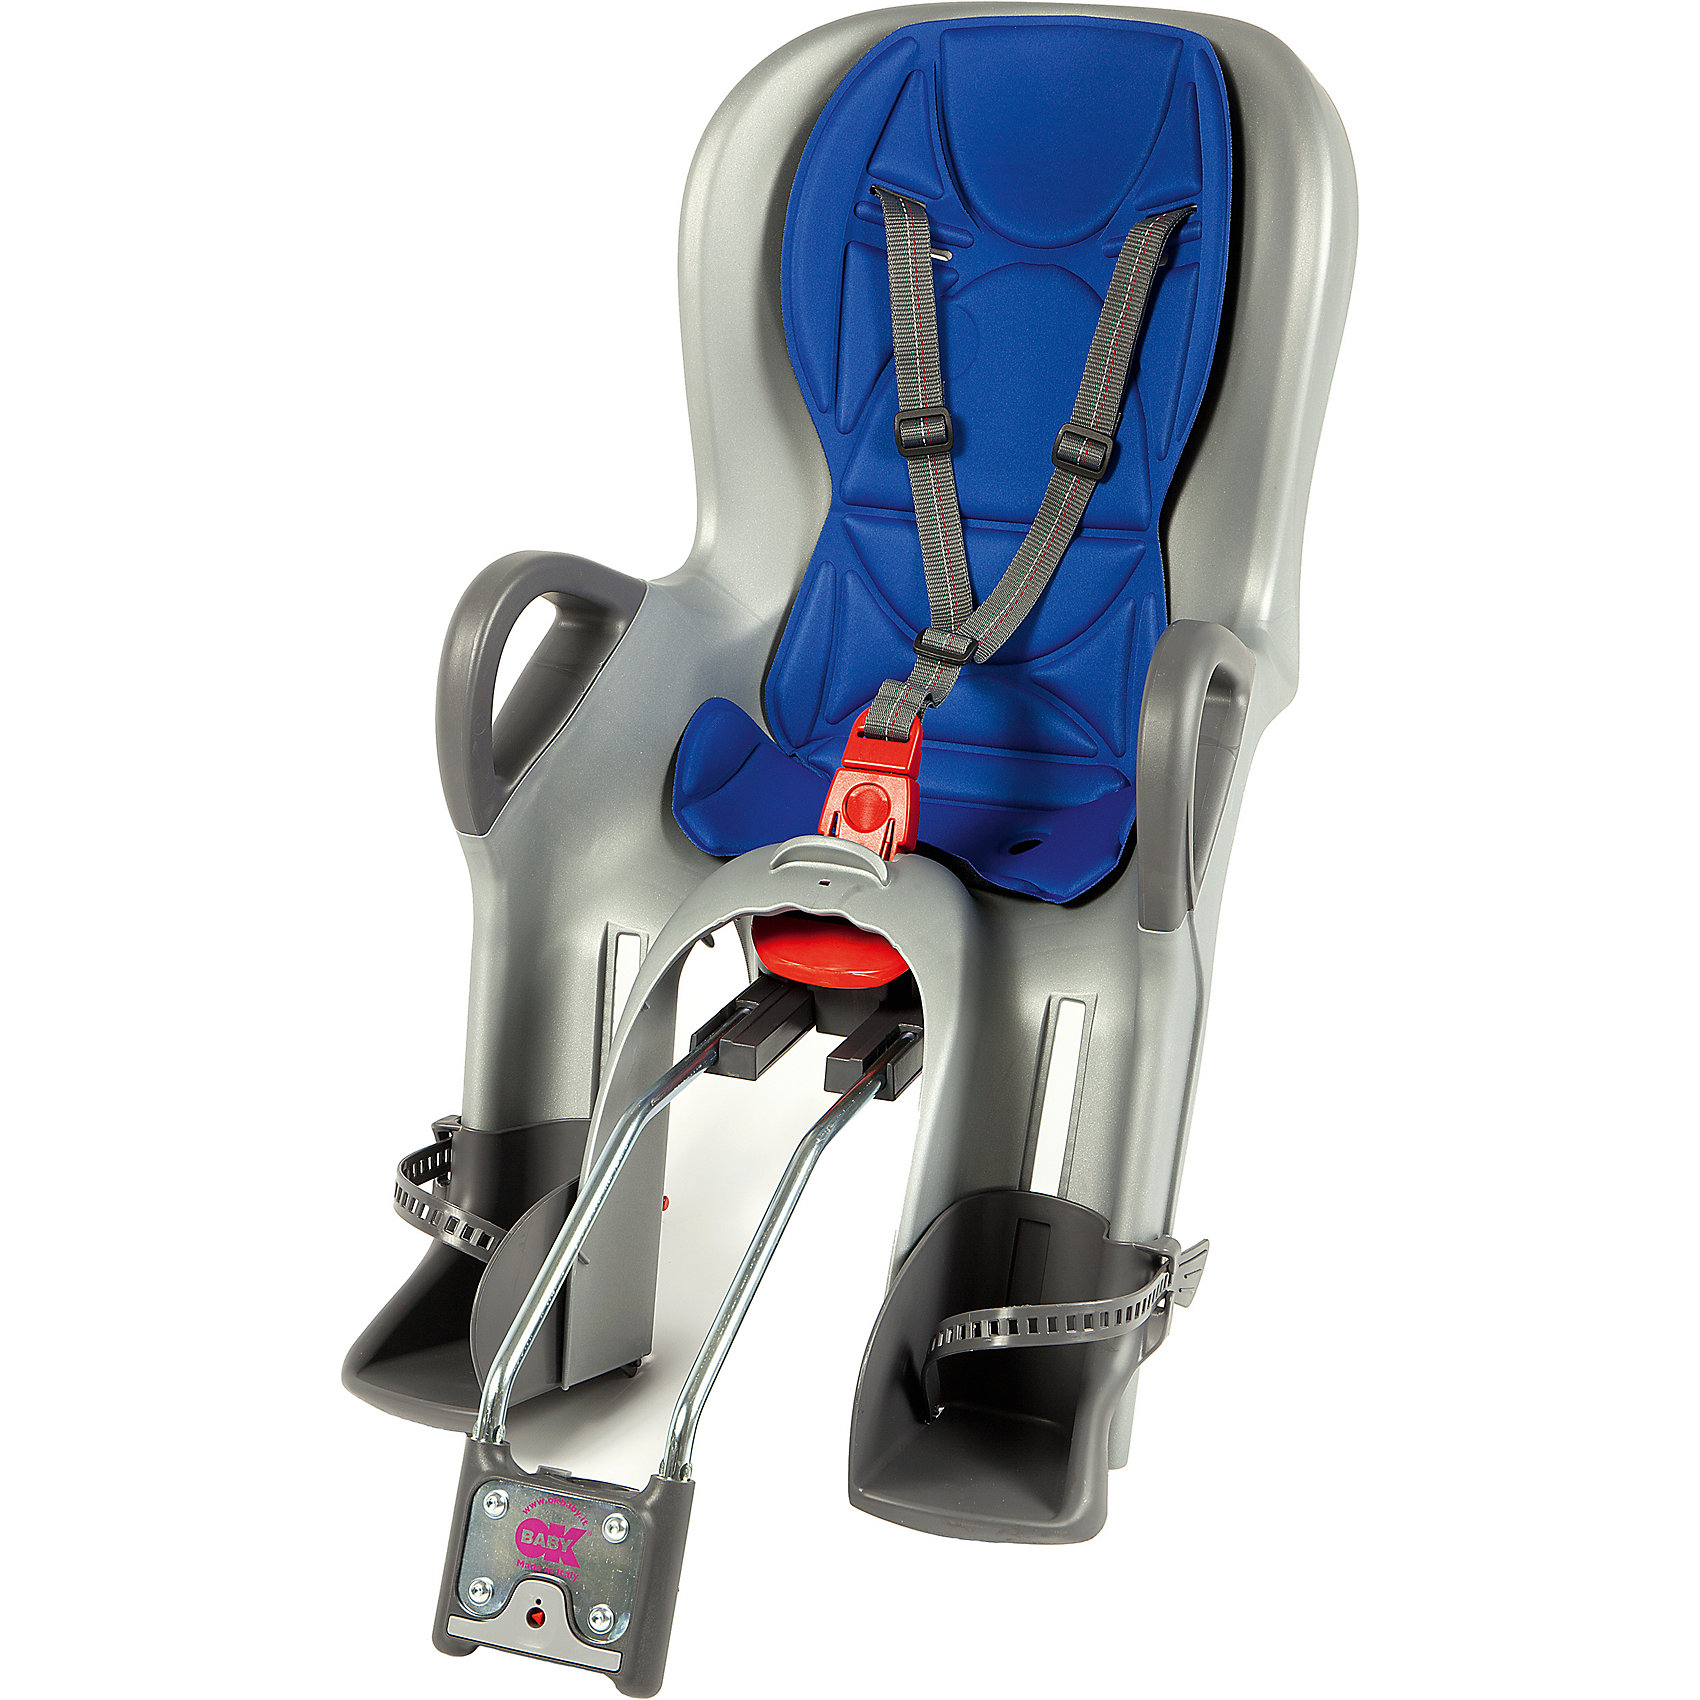 Велосипедное кресло 10+, синий/серебристый, Ok BabyПрочие товары для безопасности<br>Велосипедное кресло, Ok Baby, идеально подходит для перевозки детей весом до 22 кг. на велосипедах. Кресло надежно крепится в задней части велосипеда. Благодаря эргономичной форме и термической водоотталкивающей обивке кресла, поездка в нем будет комфортна в<br>любую погоду. Кресло имеет 8 регулировок продольного перемещения относительно седла велосипеда, что позволяет использовать его практически на любых моделях велосипедов. Наклон спинки можно регулировать в 7 положениях, выбрав наиболее удобное для ребенка. При этом<br>не будет нарушена управляемость и устойчивость велосипеда. Ребенок надежно удерживается в кресле 3-точечными ремнями безопасности, удобные подставки для ног регулируются по высоте. Специальная система ABS удерживает центр тяжести велокресла в правильном<br>положении. Сигнализатор закрепления указывает на правильность прикрепления сиденья к велосипеду. Для повышения безопасности в тёмное время суток на дороге, спинка велокресла оборудована светоотражателем с 4 светодиодами, имеющими 4 различные рабочие программы.<br><br><br>Дополнительная информация:<br><br>- Цвет: синий/серебристый.<br>- Максимальный вес ребенка: 22 кг.<br><br>Велосипедное кресло 10+, синий/серебристый, Ok Baby, можно купить в нашем интернет-магазине.<br><br>Ширина мм: 500<br>Глубина мм: 450<br>Высота мм: 900<br>Вес г: 5000<br>Возраст от месяцев: 10<br>Возраст до месяцев: 36<br>Пол: Унисекс<br>Возраст: Детский<br>SKU: 4761343